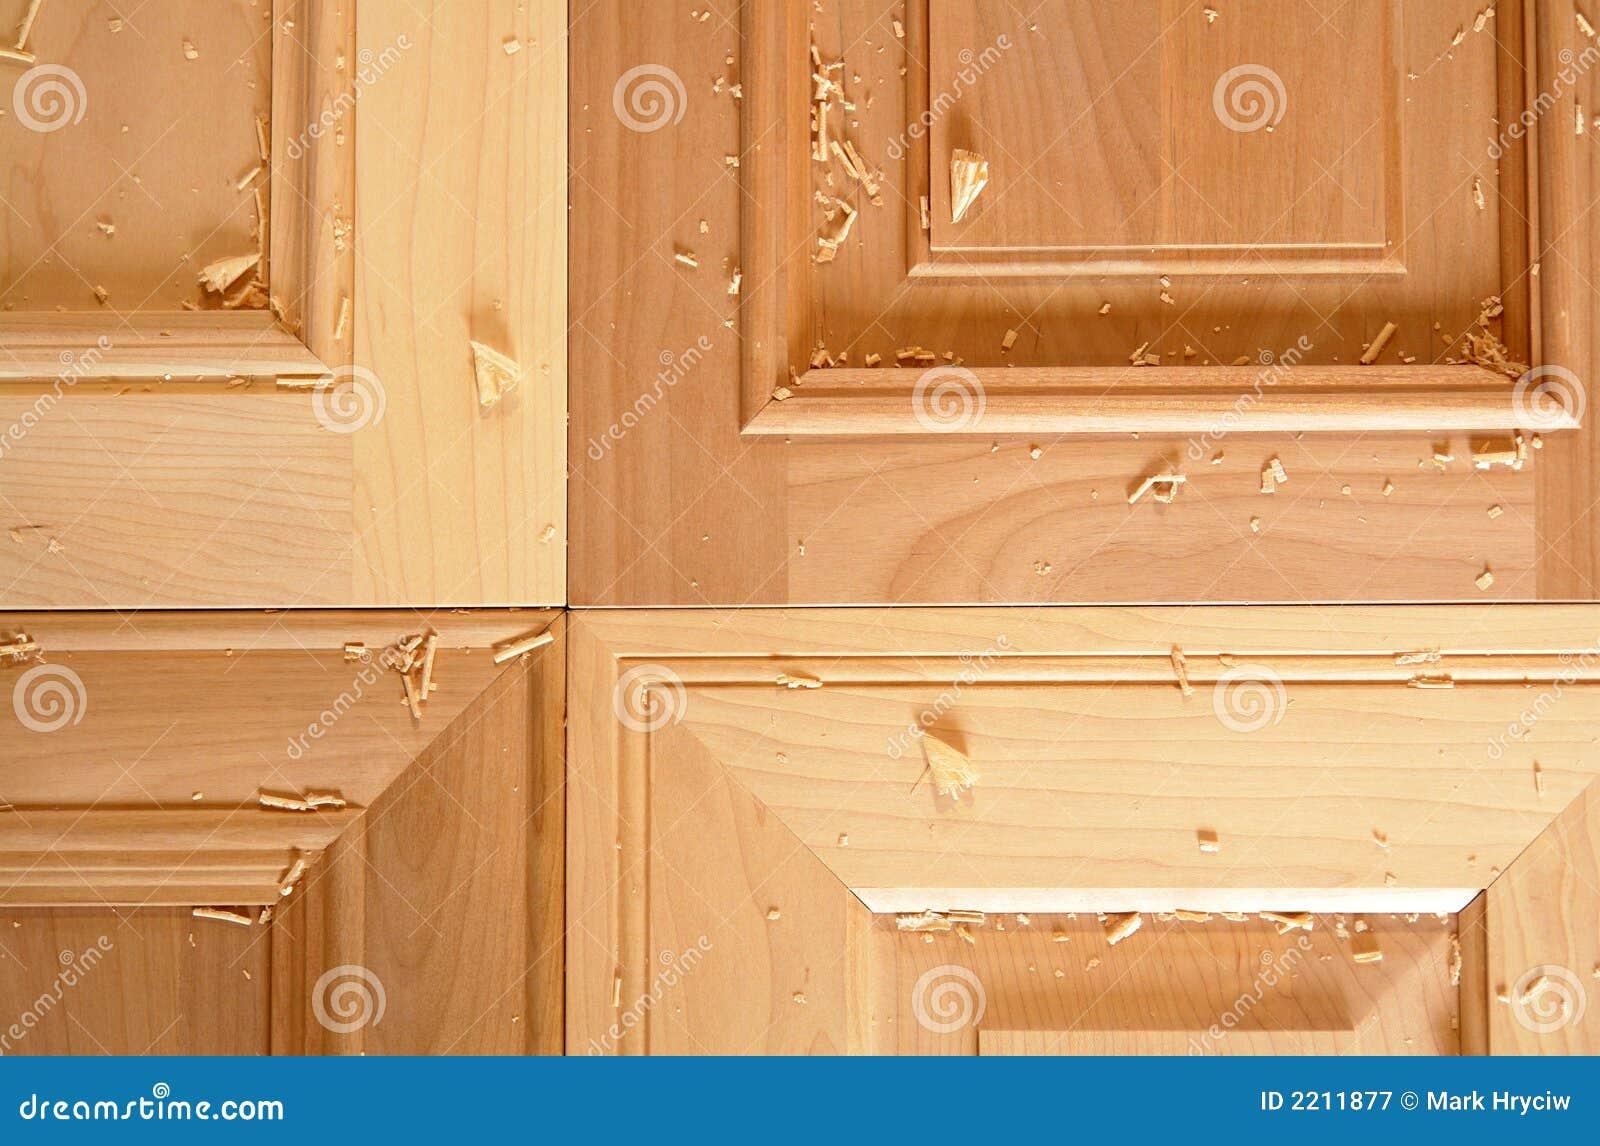 Küche-Schranktüren stockbild. Bild von flach, möbel, arten - 2211877